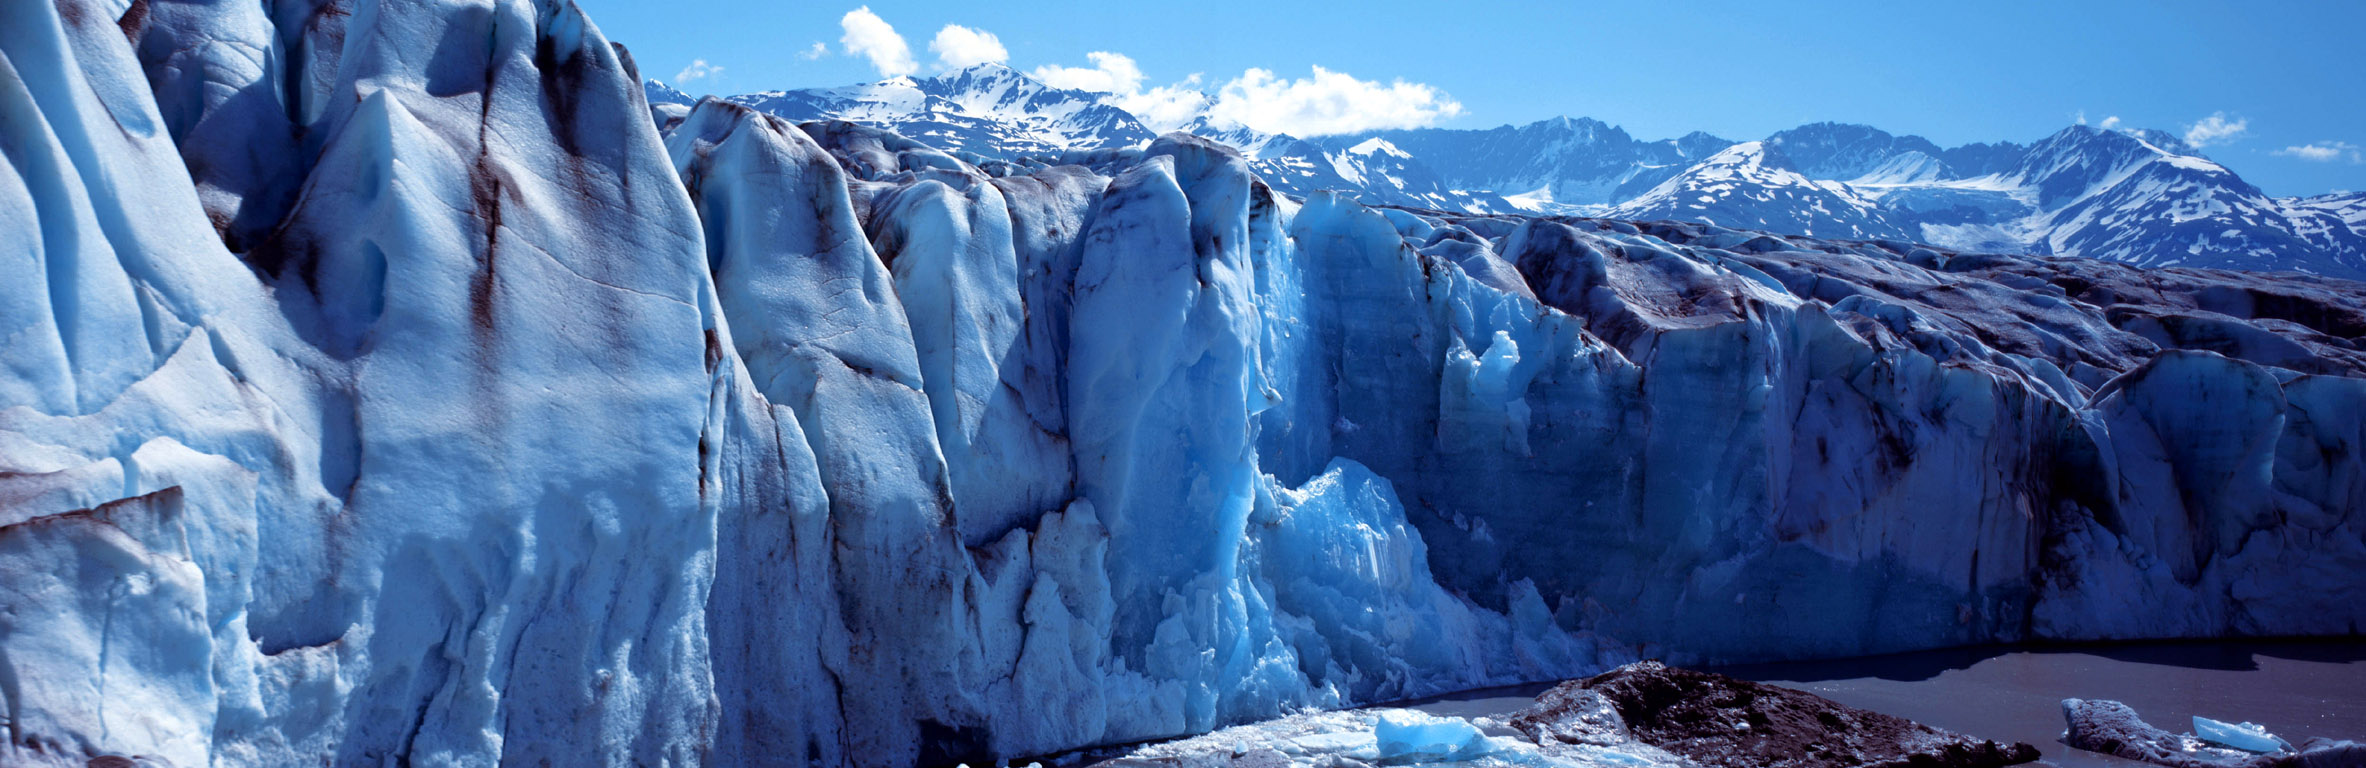 パタゴニア グレイ氷河(チリ) 壁紙 - Gray Glacier, Patagonia, Chile WALLPAPER